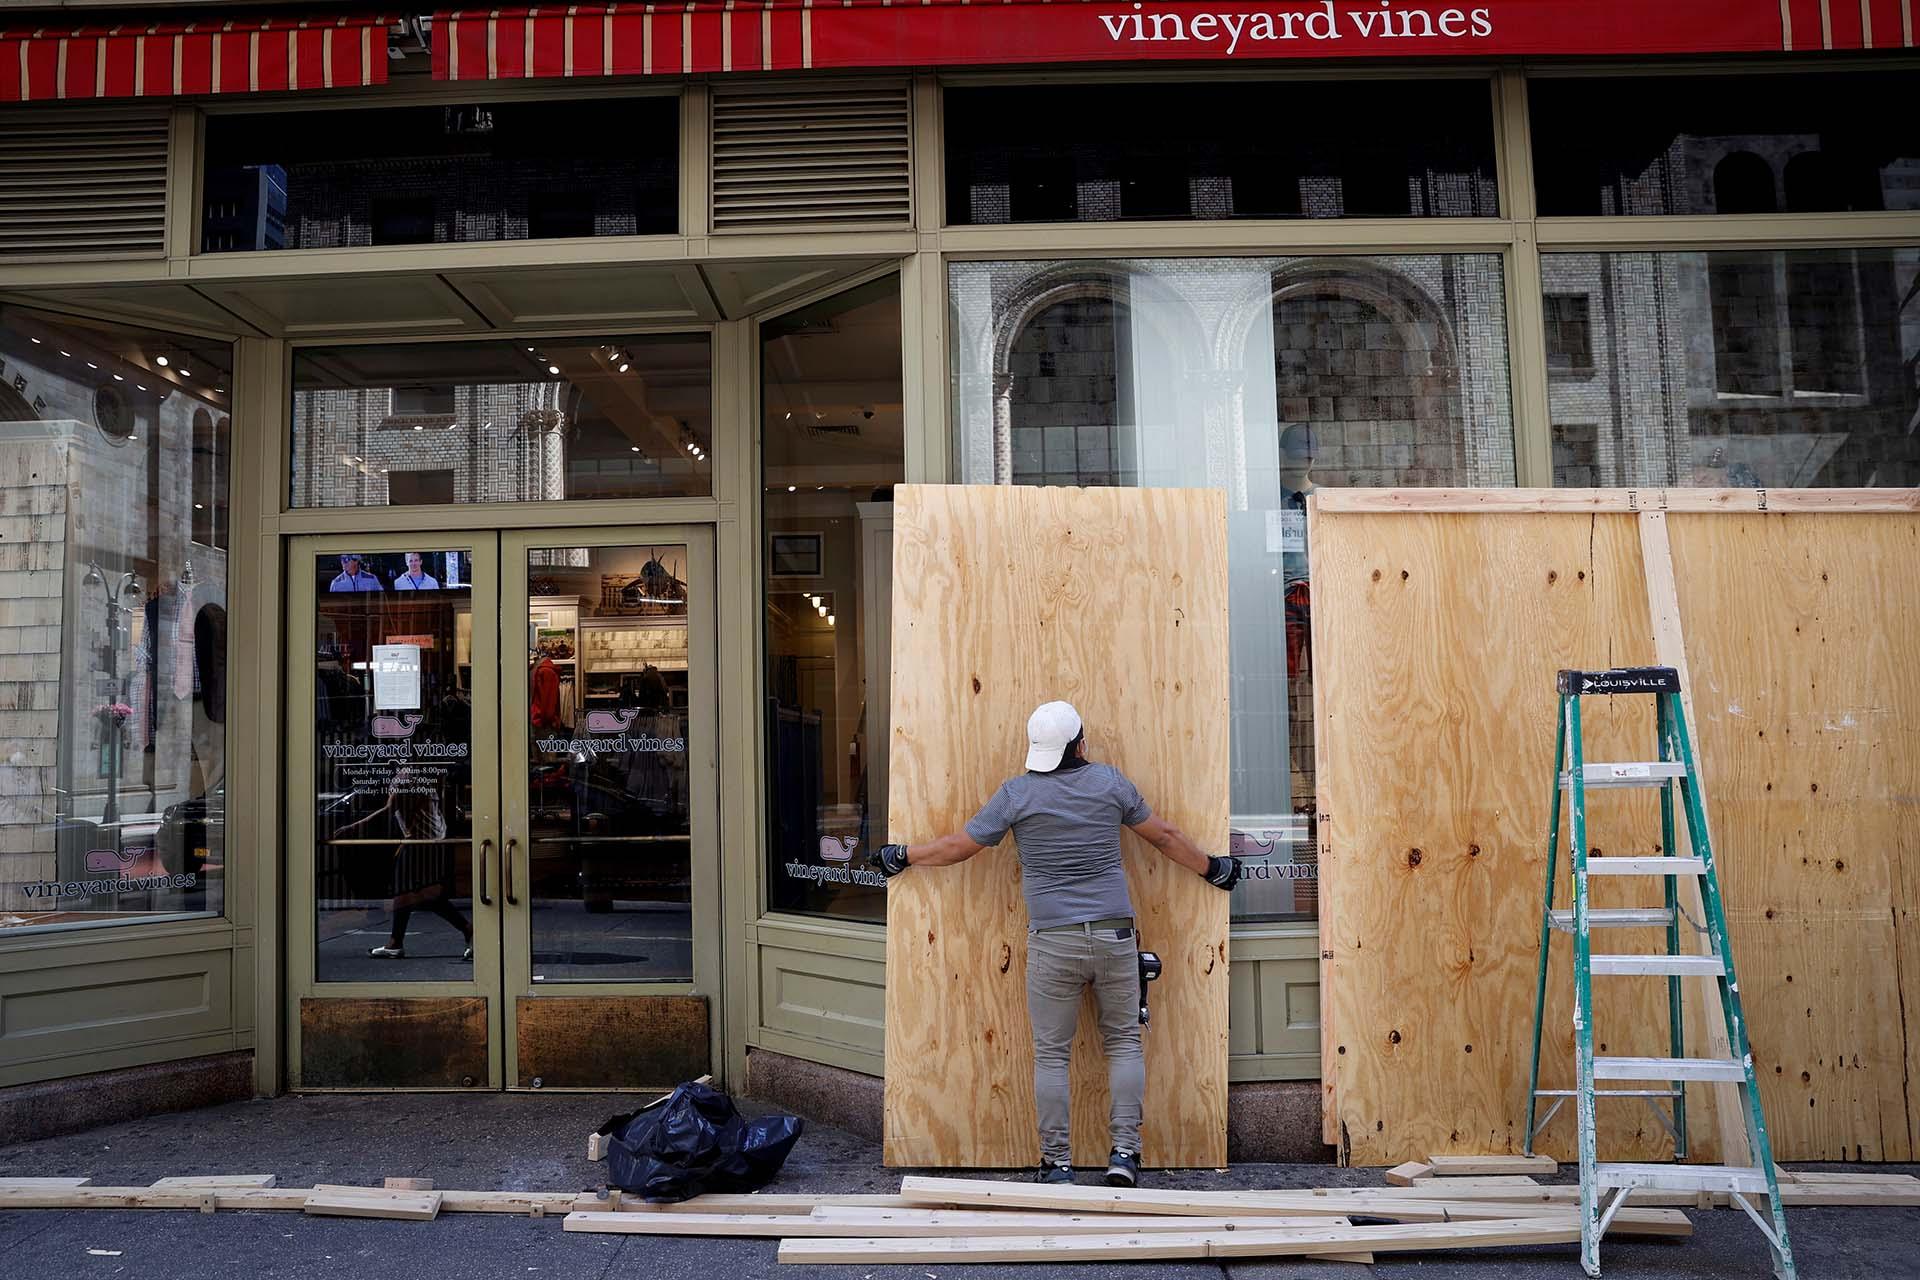 Un trabajador quita las maderas que protegieron las vitrinas de Vineyard Vines en Manhattan, durante las protestas contra el racismo de la última semana (REUTERS)